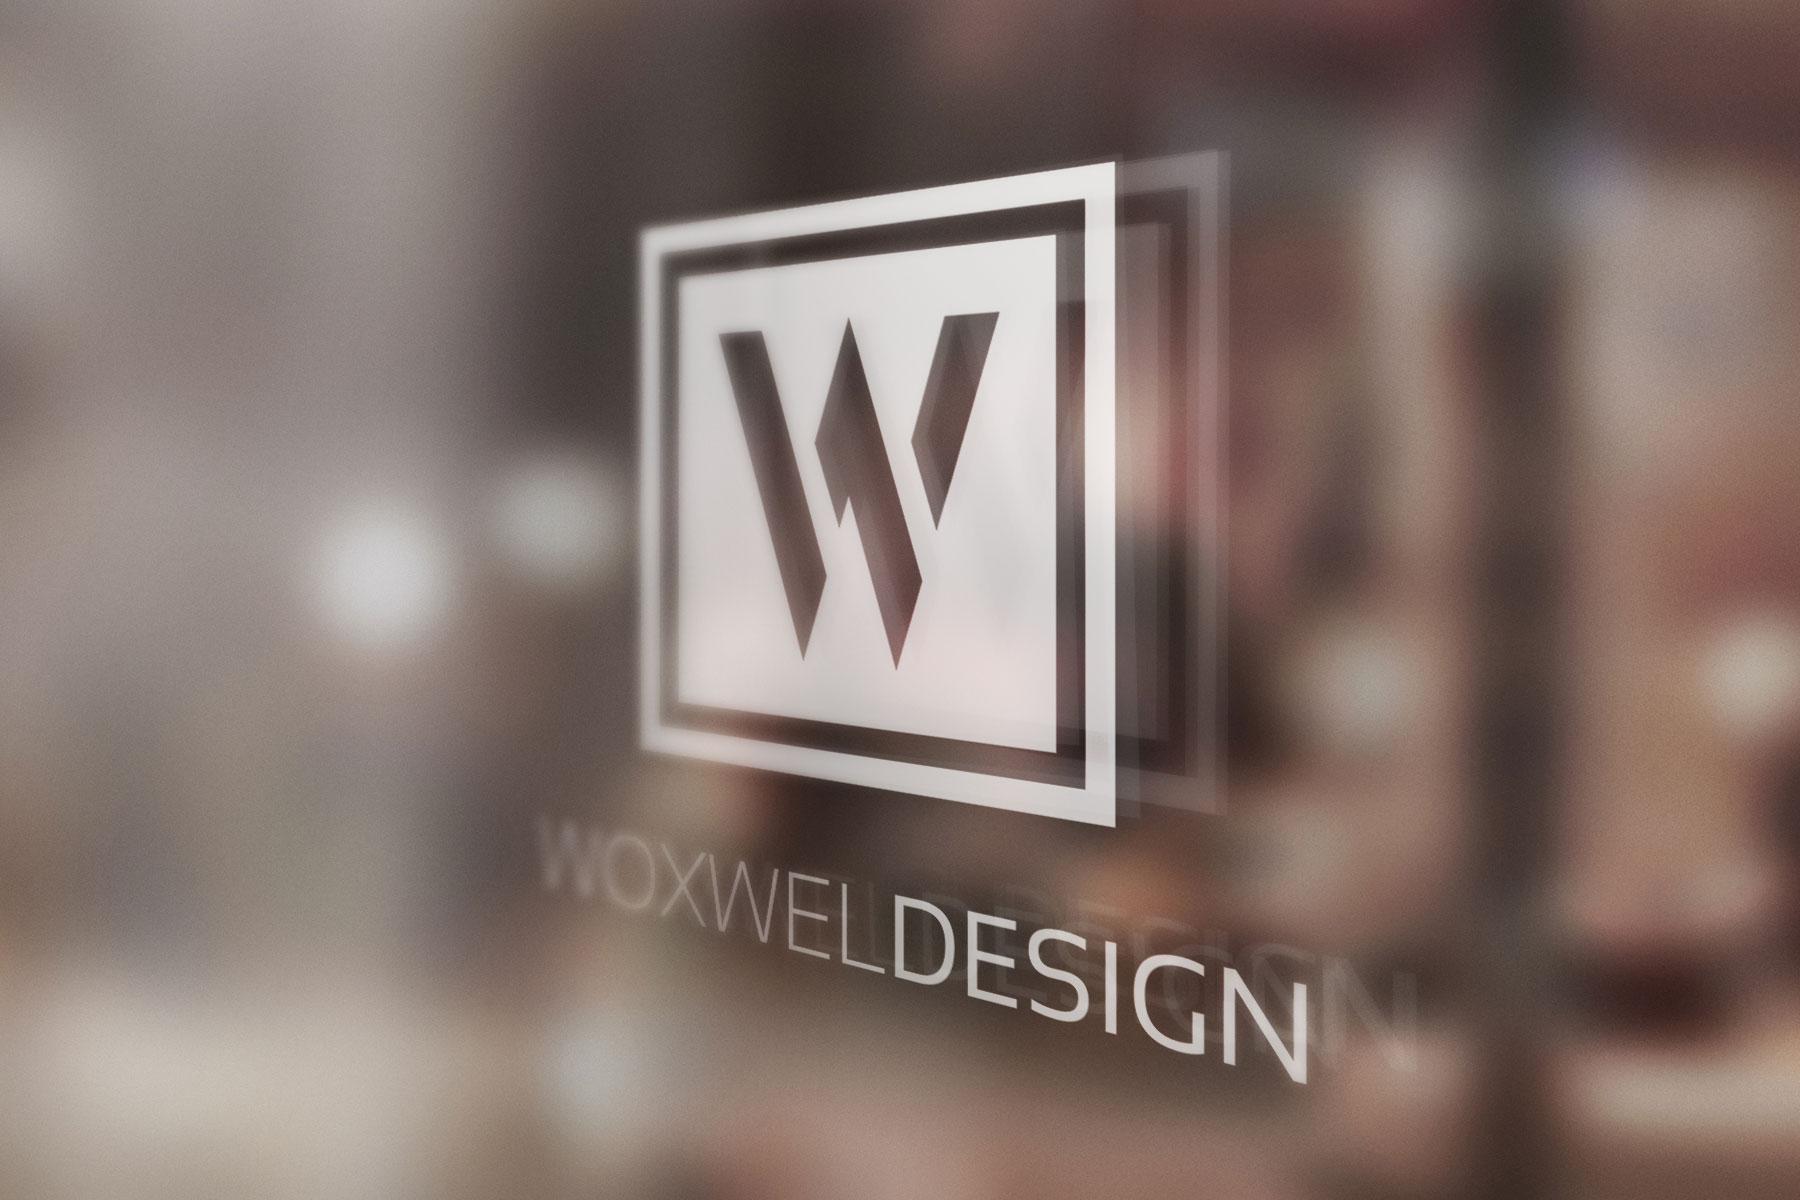 Логотип Woxwel Design - на стекле